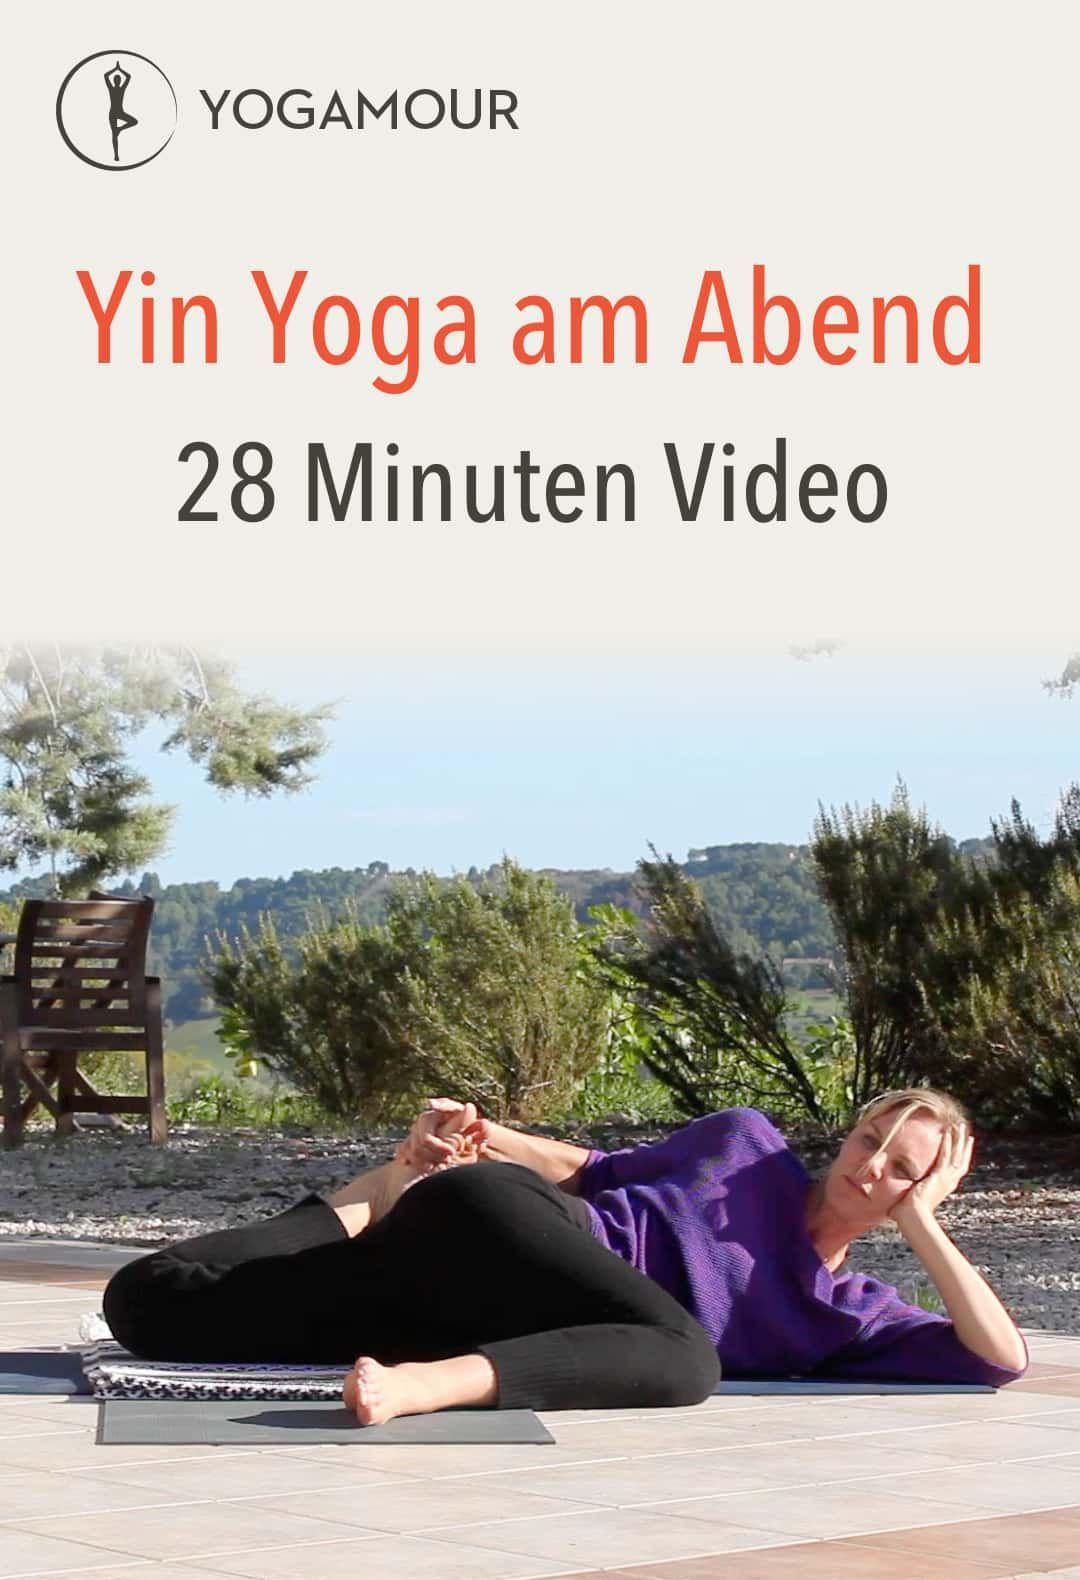 Yin Yoga am Abend - Yoga fitness - #Abend #fitness #Yin #Yoga #Yogafitness